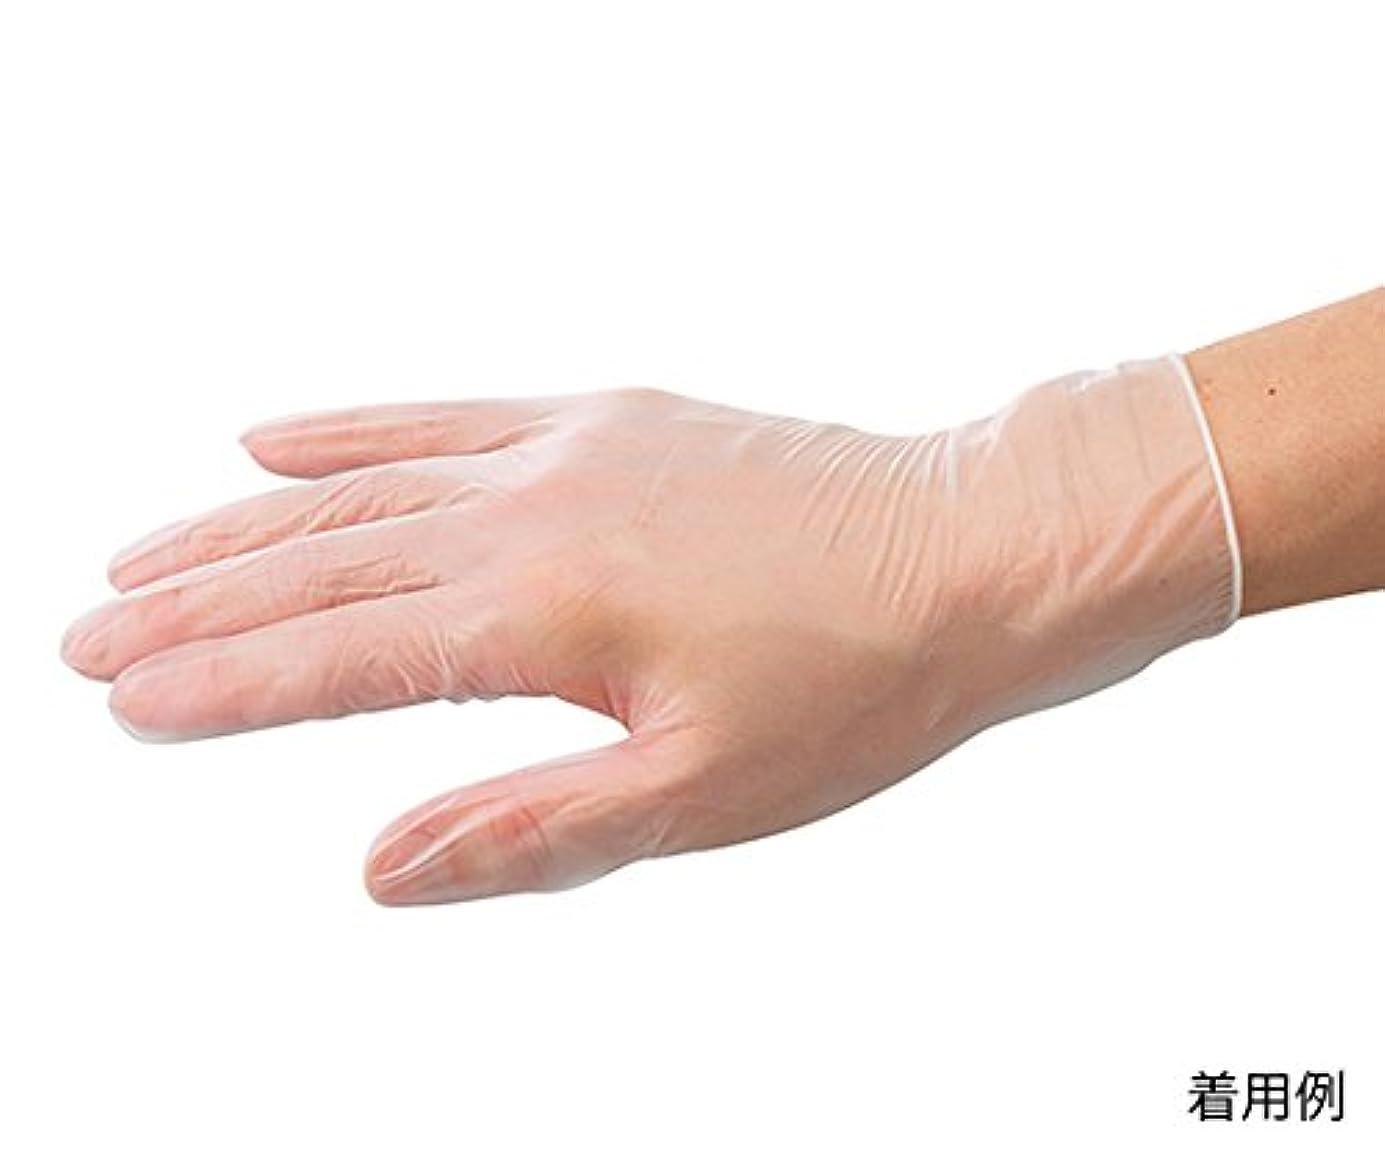 やさしい現金忘れっぽいARメディコム?インク?アジアリミテッド7-3726-02バイタルプラスチック手袋(パウダーフリー)M150枚入